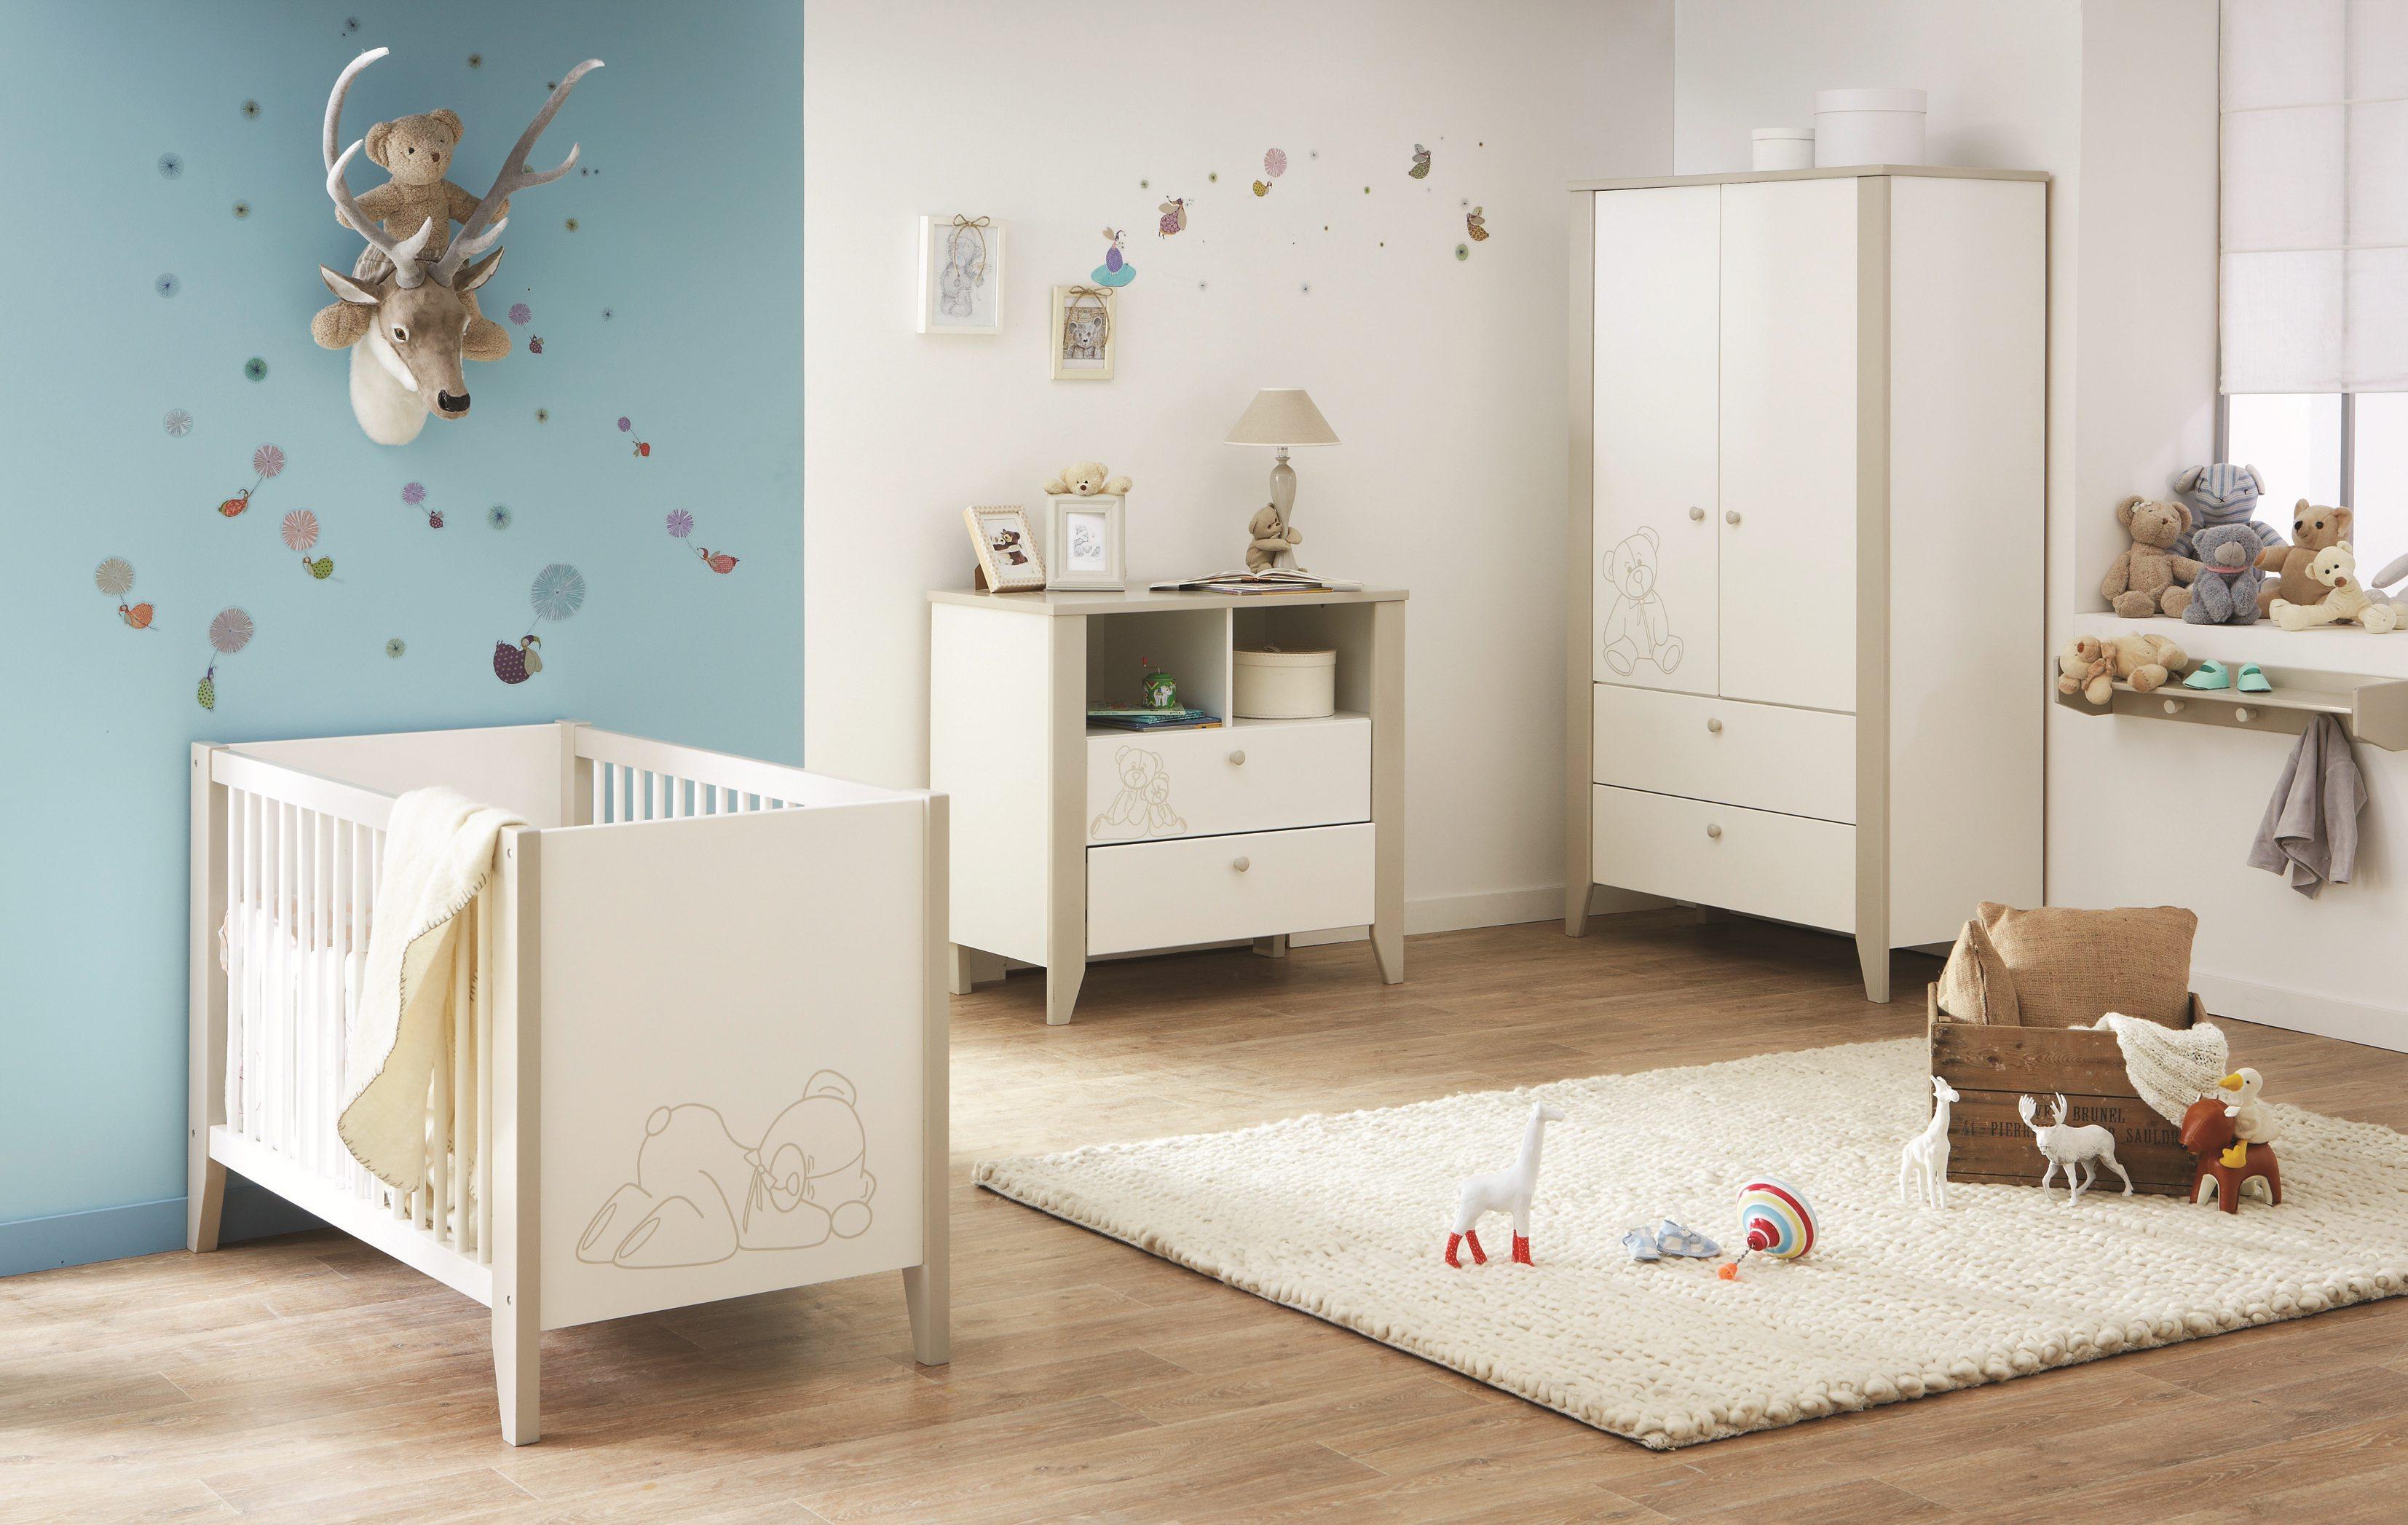 Magasin Des Idees Deco de magasin chambre bébé gratuit idées décoration tricot yyf7b6gv